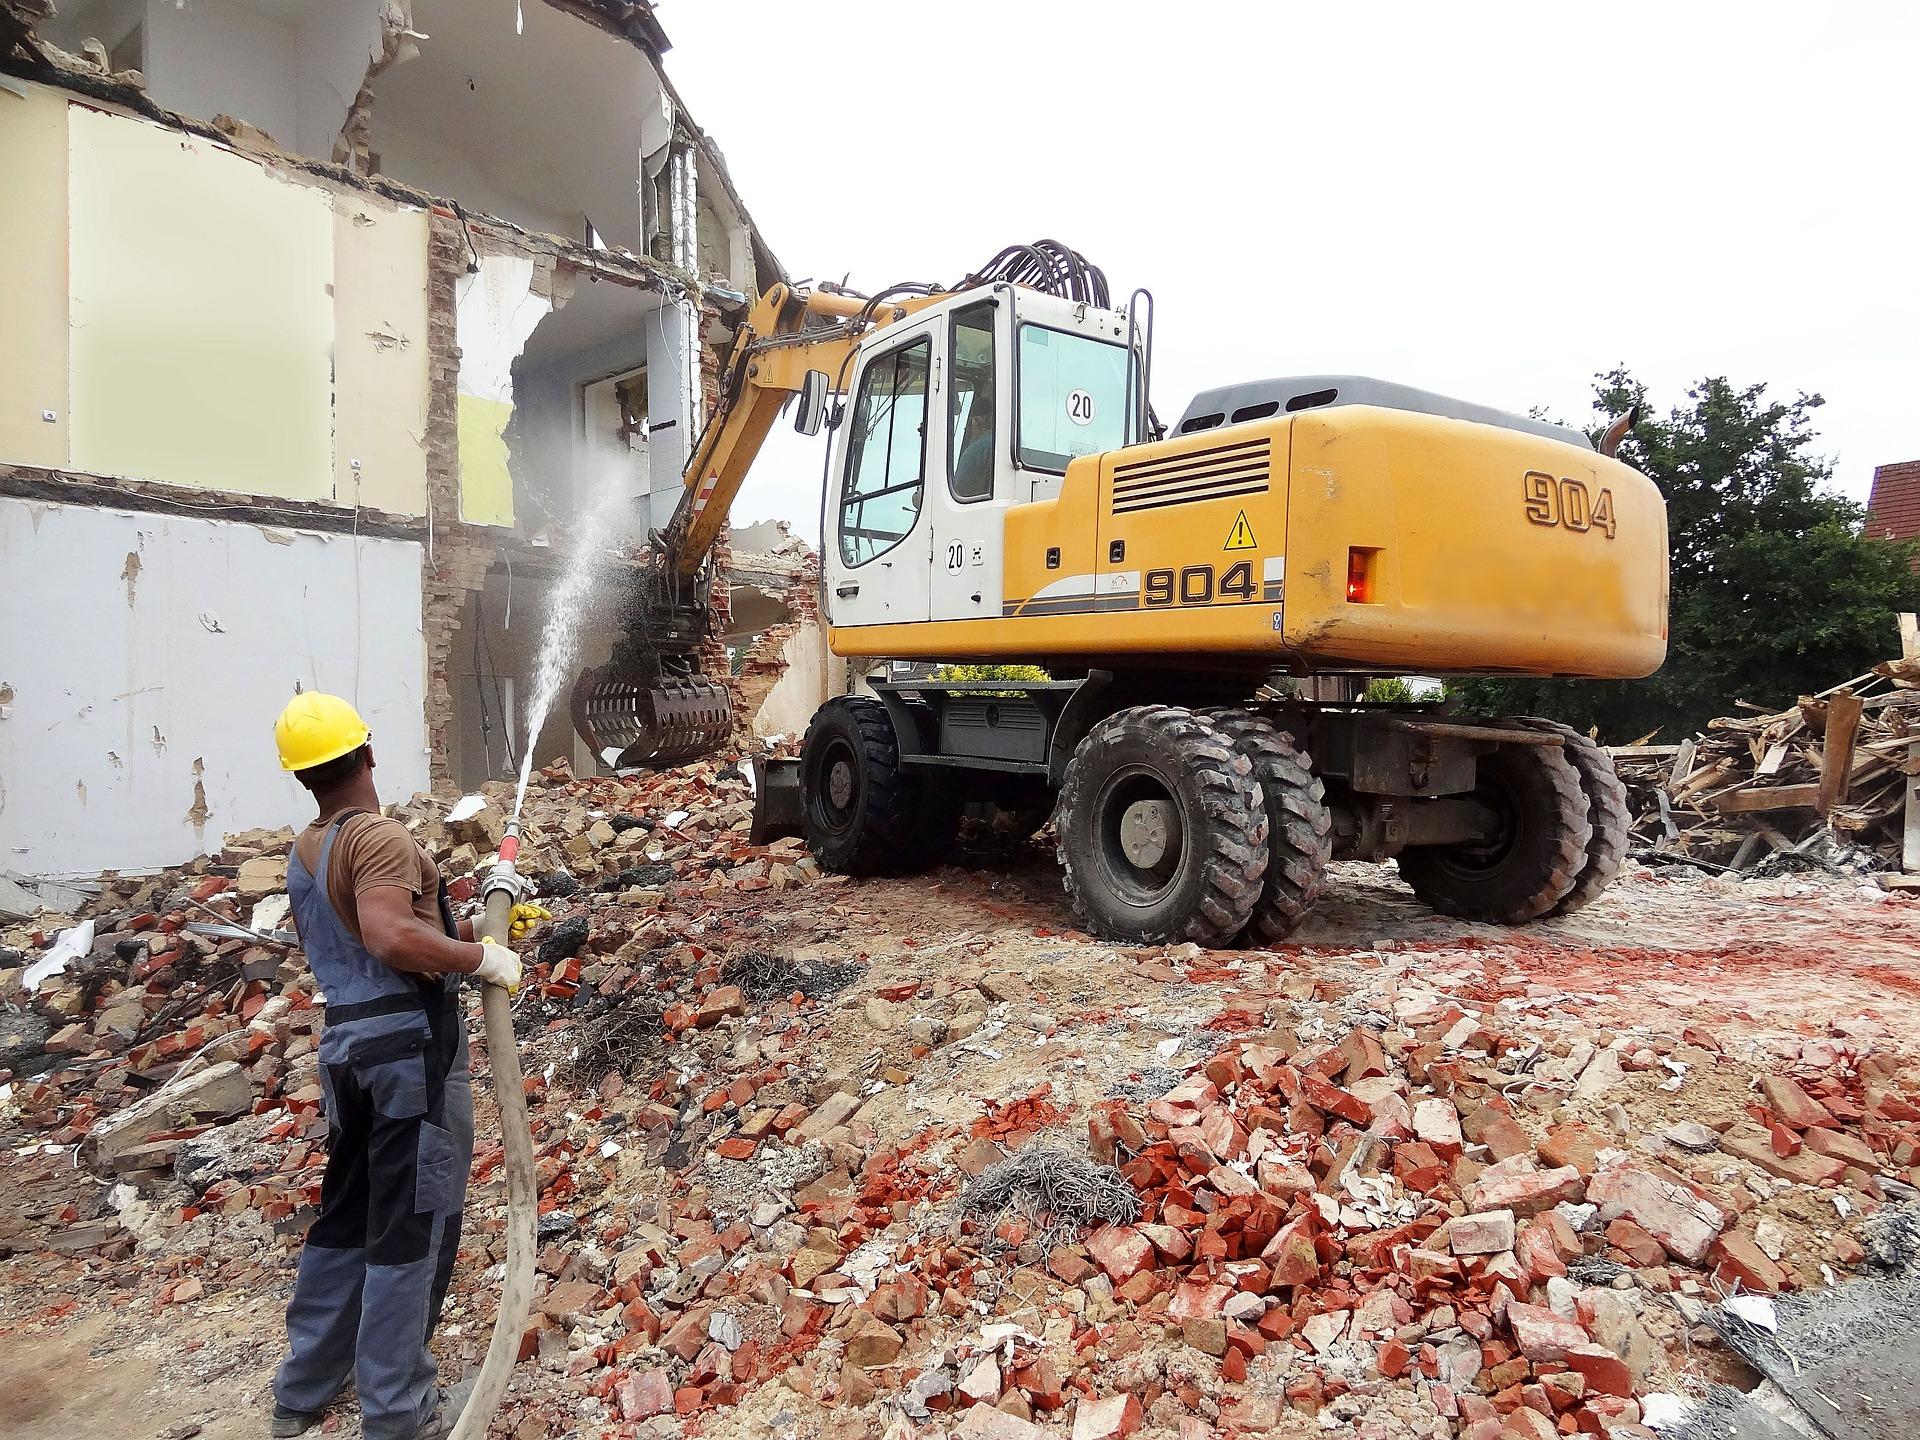 Démarrer une entreprise dans le domaine de la construction